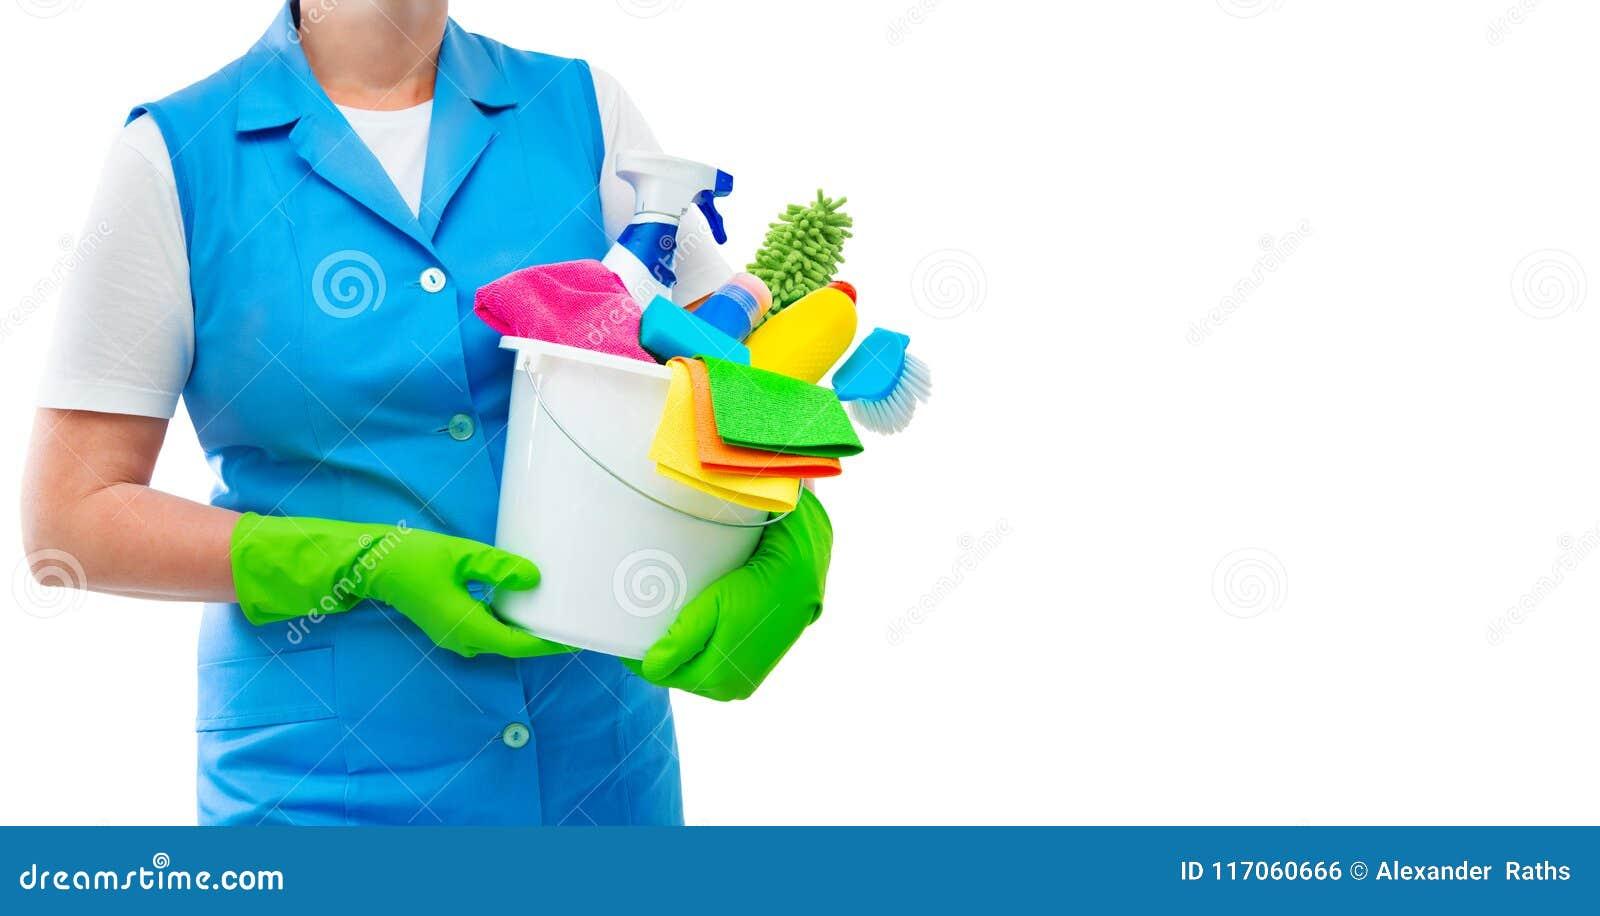 Weiblicher Reiniger, der einen Eimer mit Putzzeug lokalisiert hält